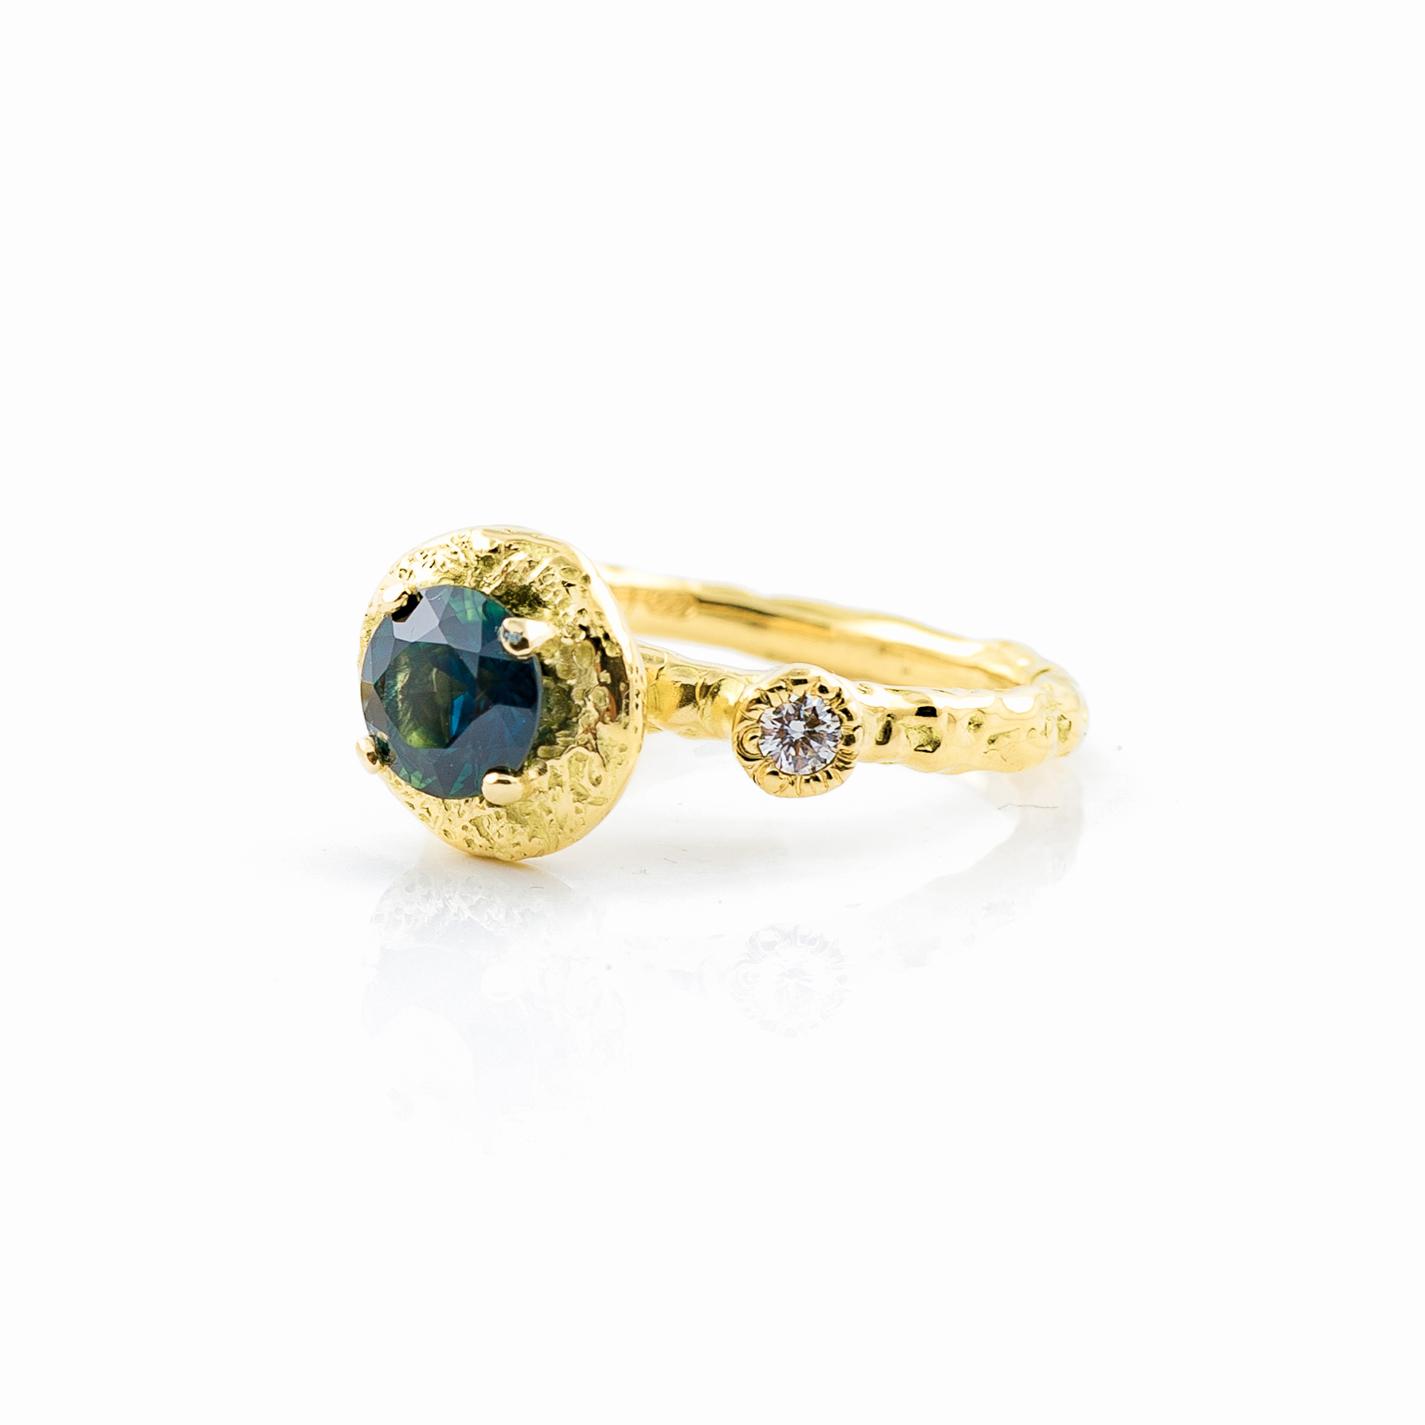 Surfacing Engagement Ring   18ct yellow gold, Australian sapphire, white diamonds.